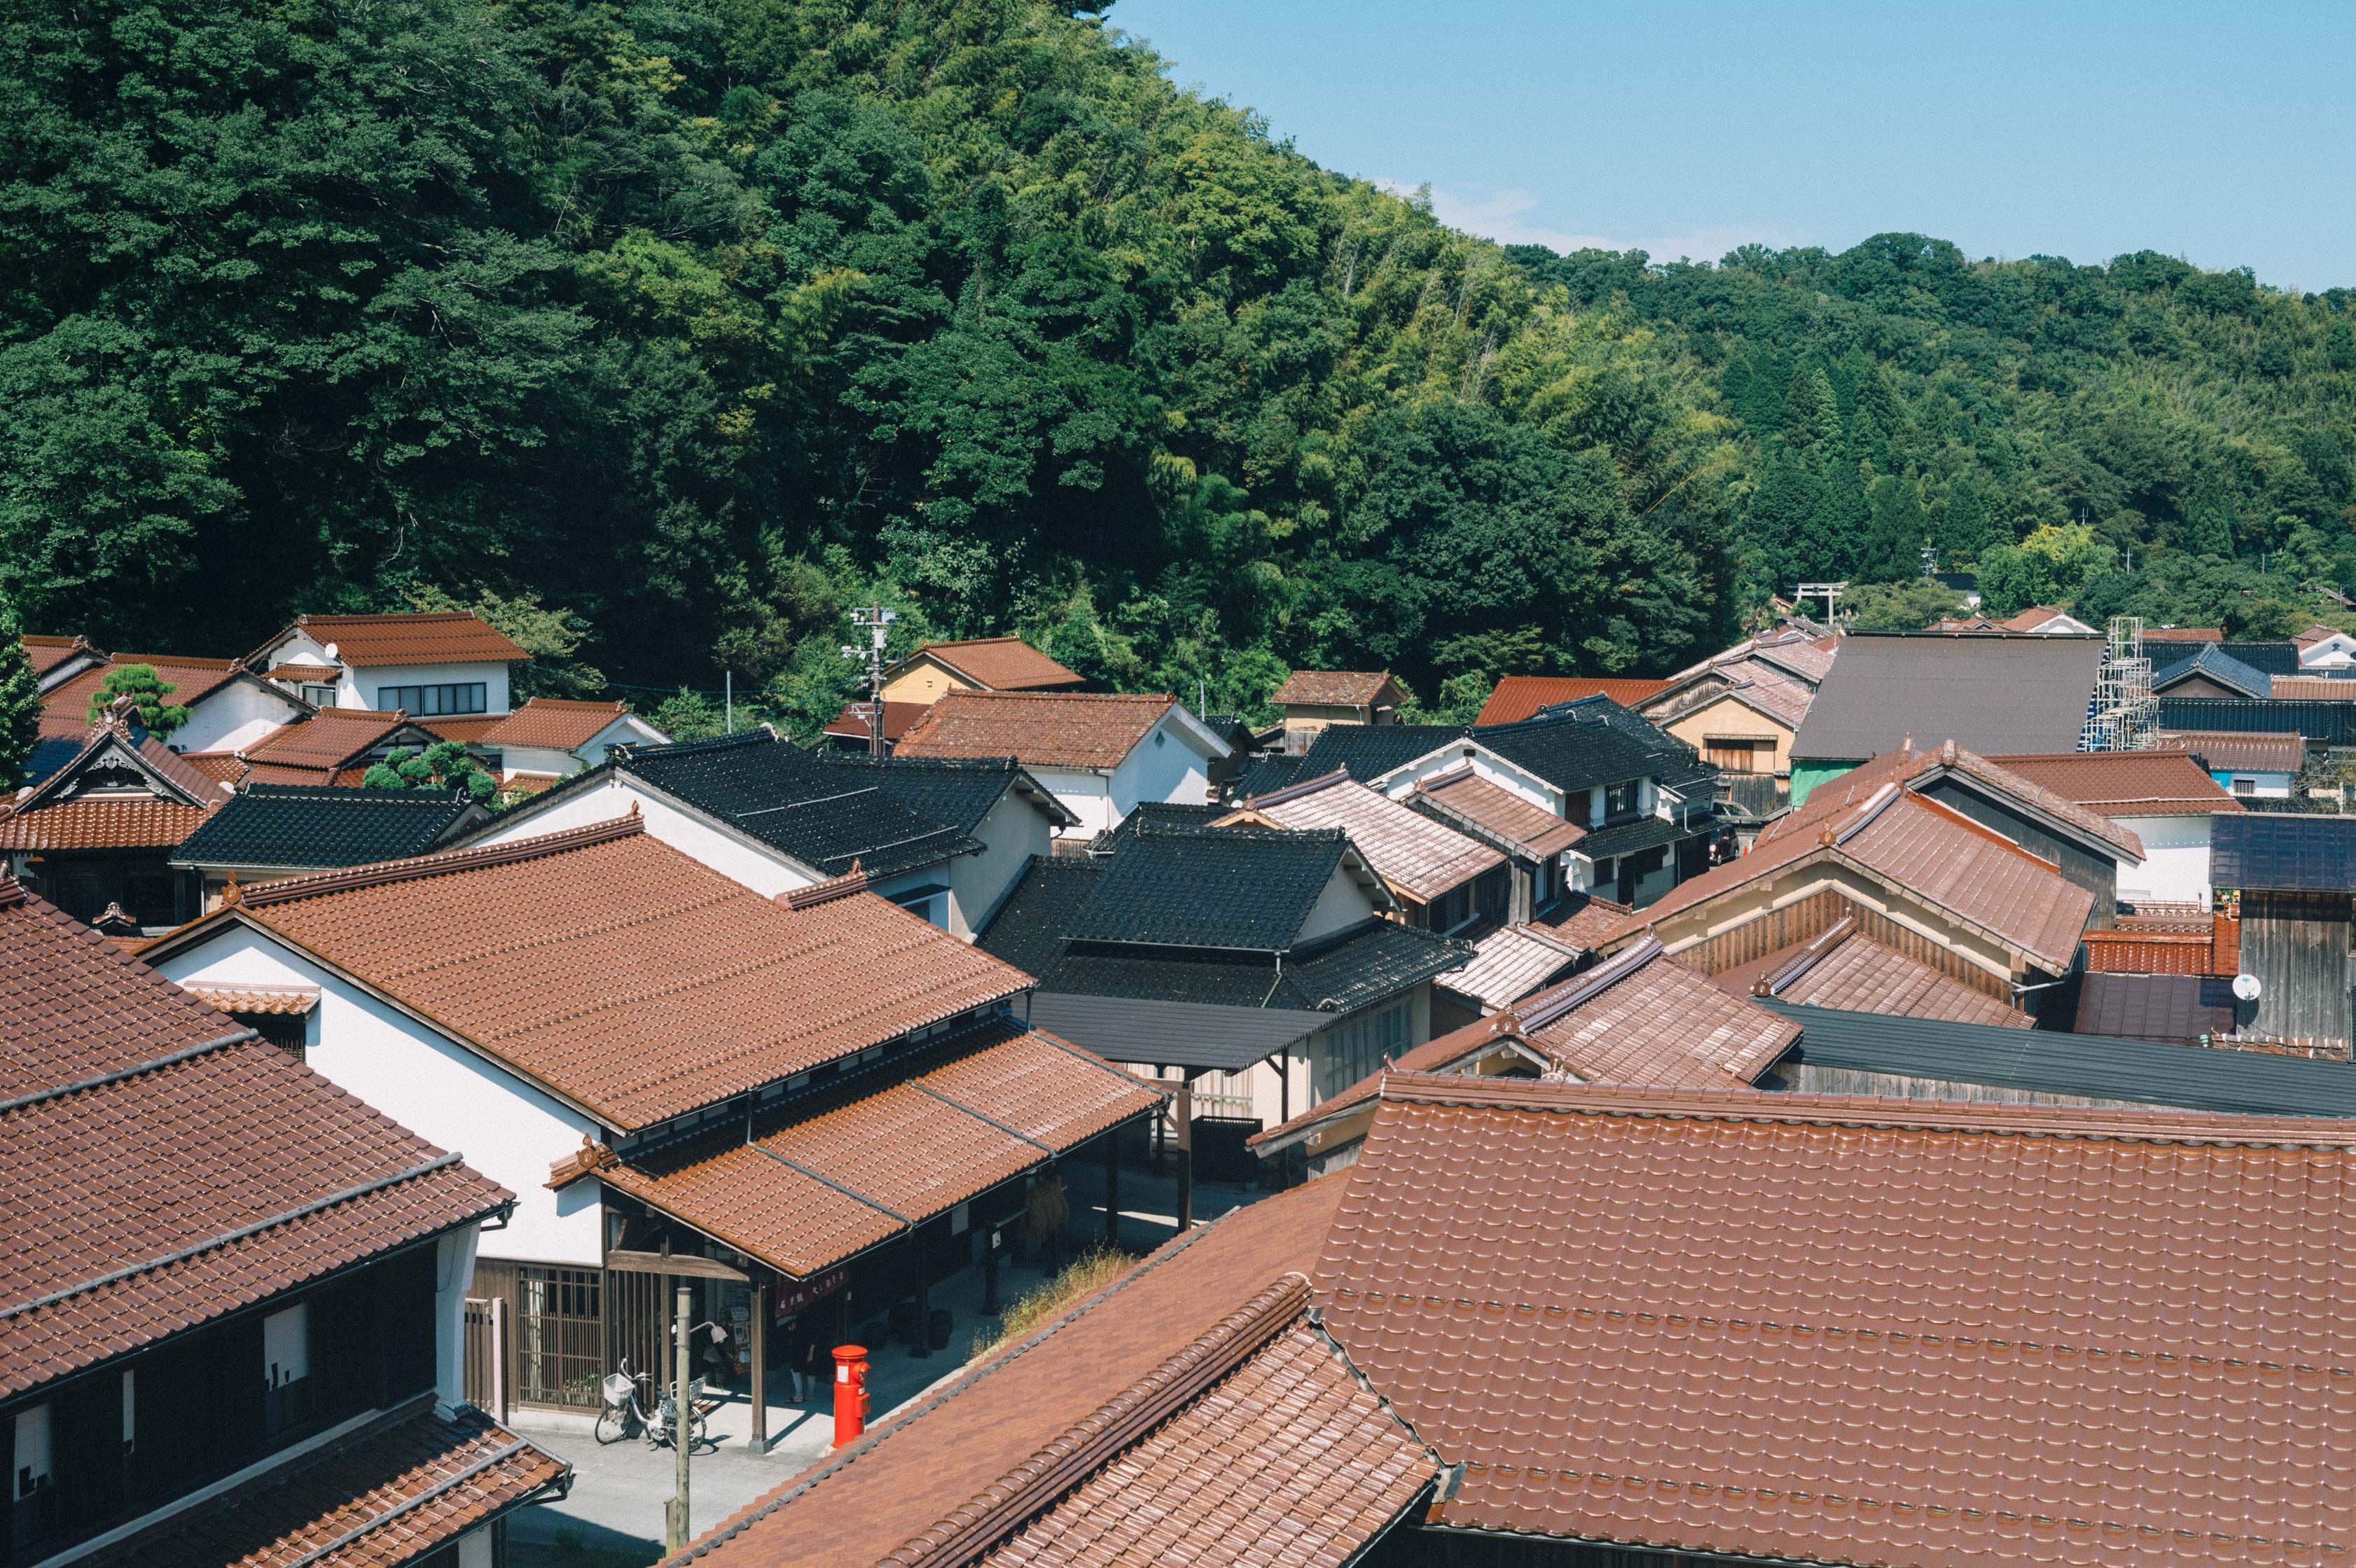 【市町村一周の旅】舞台は島根県へ。石州瓦の美しい町並みや世界遺産・石見銀山へ。